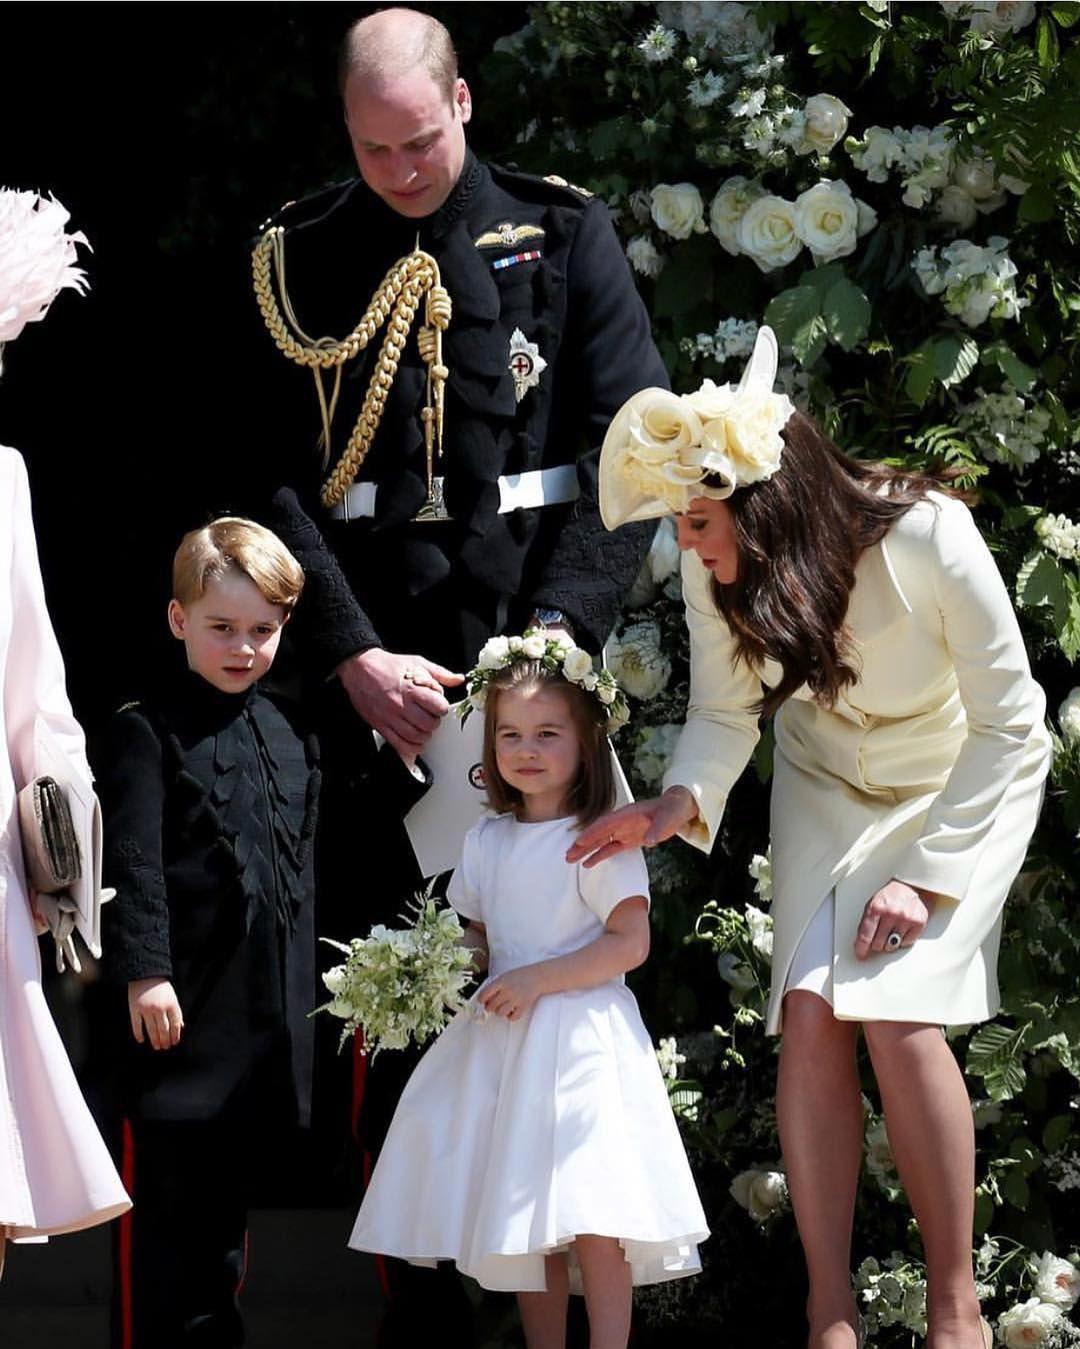 Cambridge S On The Wedding Of Duke And Duchess Of Sussex Prinz Harry Hochzeit Hochzeit Ablauf Konigliche Hochzeit